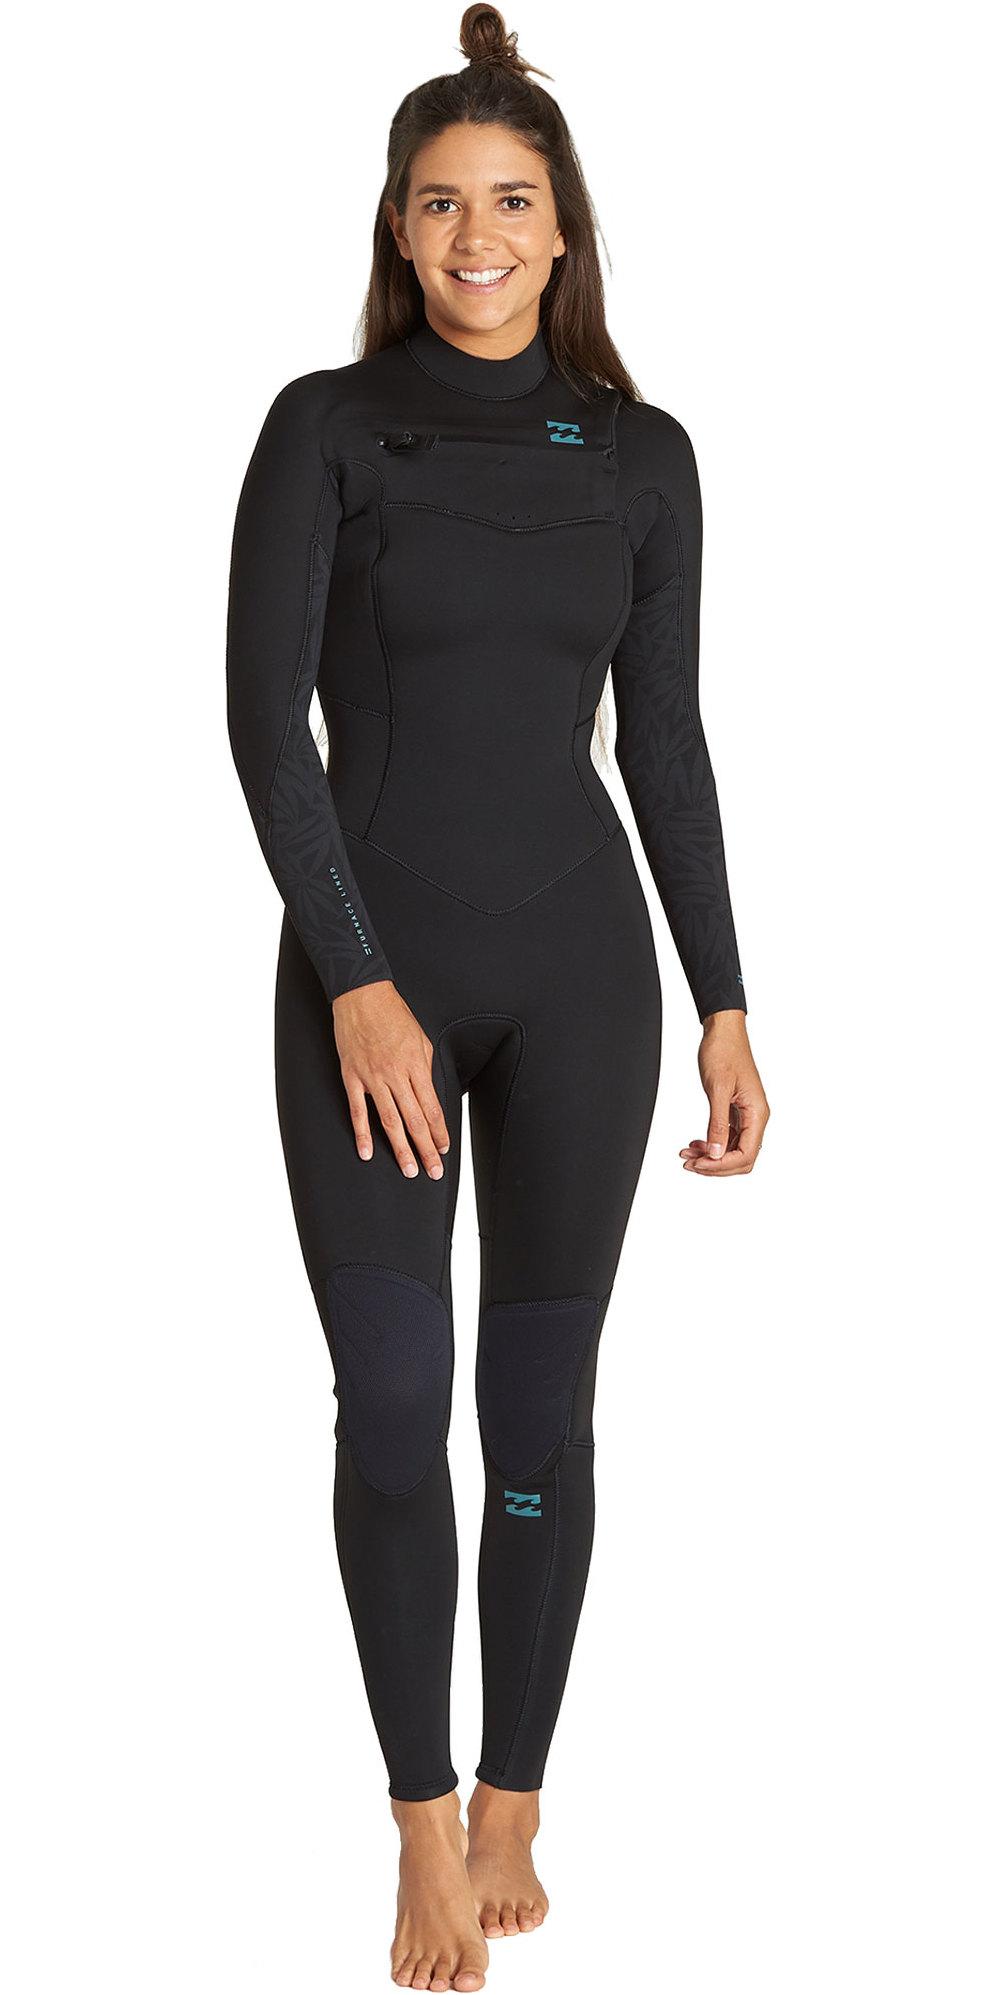 2019 Billabong Womens Furnace Comp 4/3mm Chest Zip Wetsuit Black Q44G31